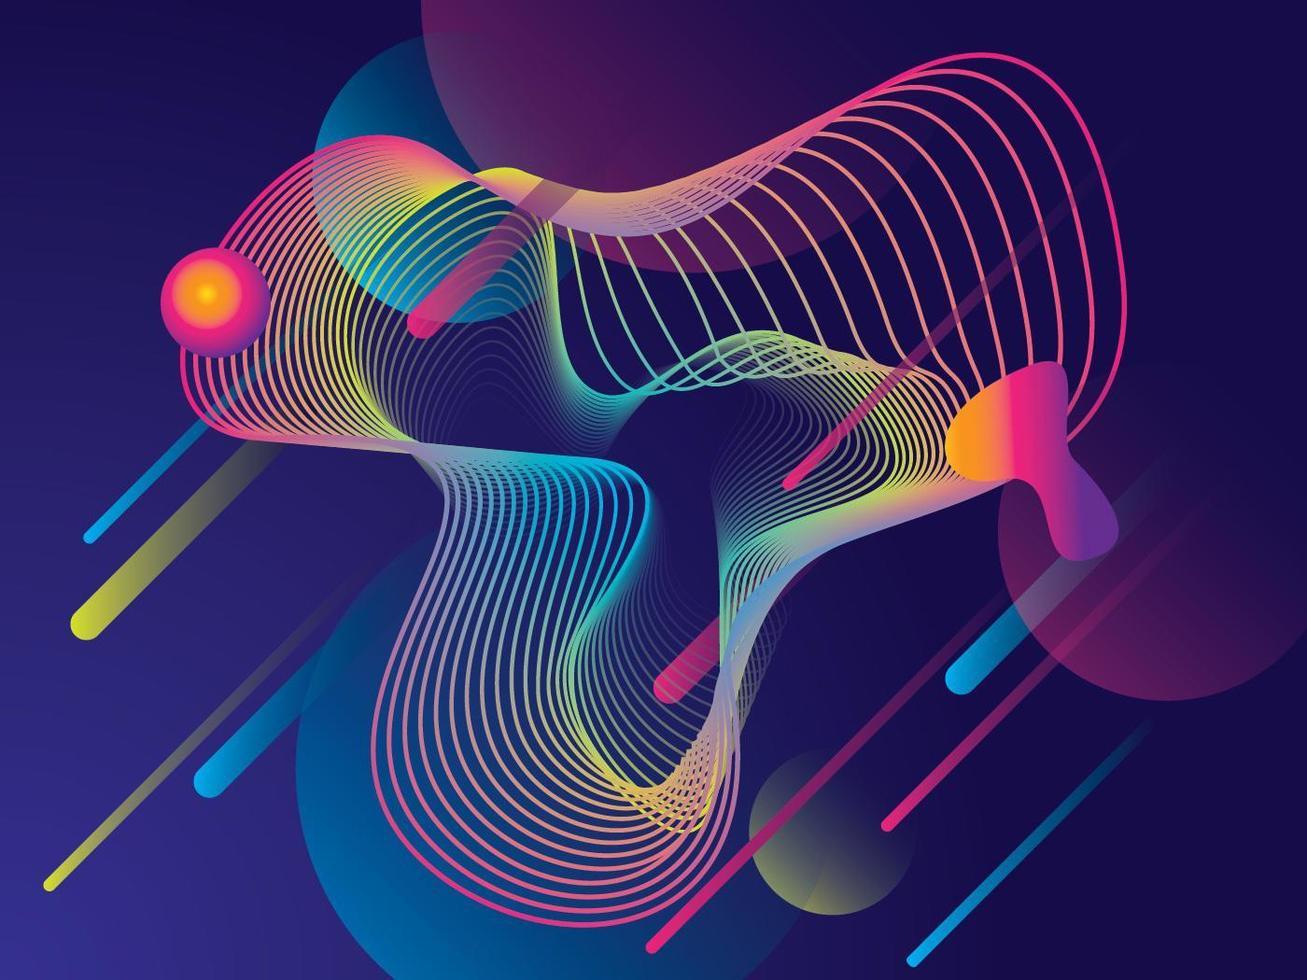 Geometrisches Hintergrunddesign der bunten Steigung vektor